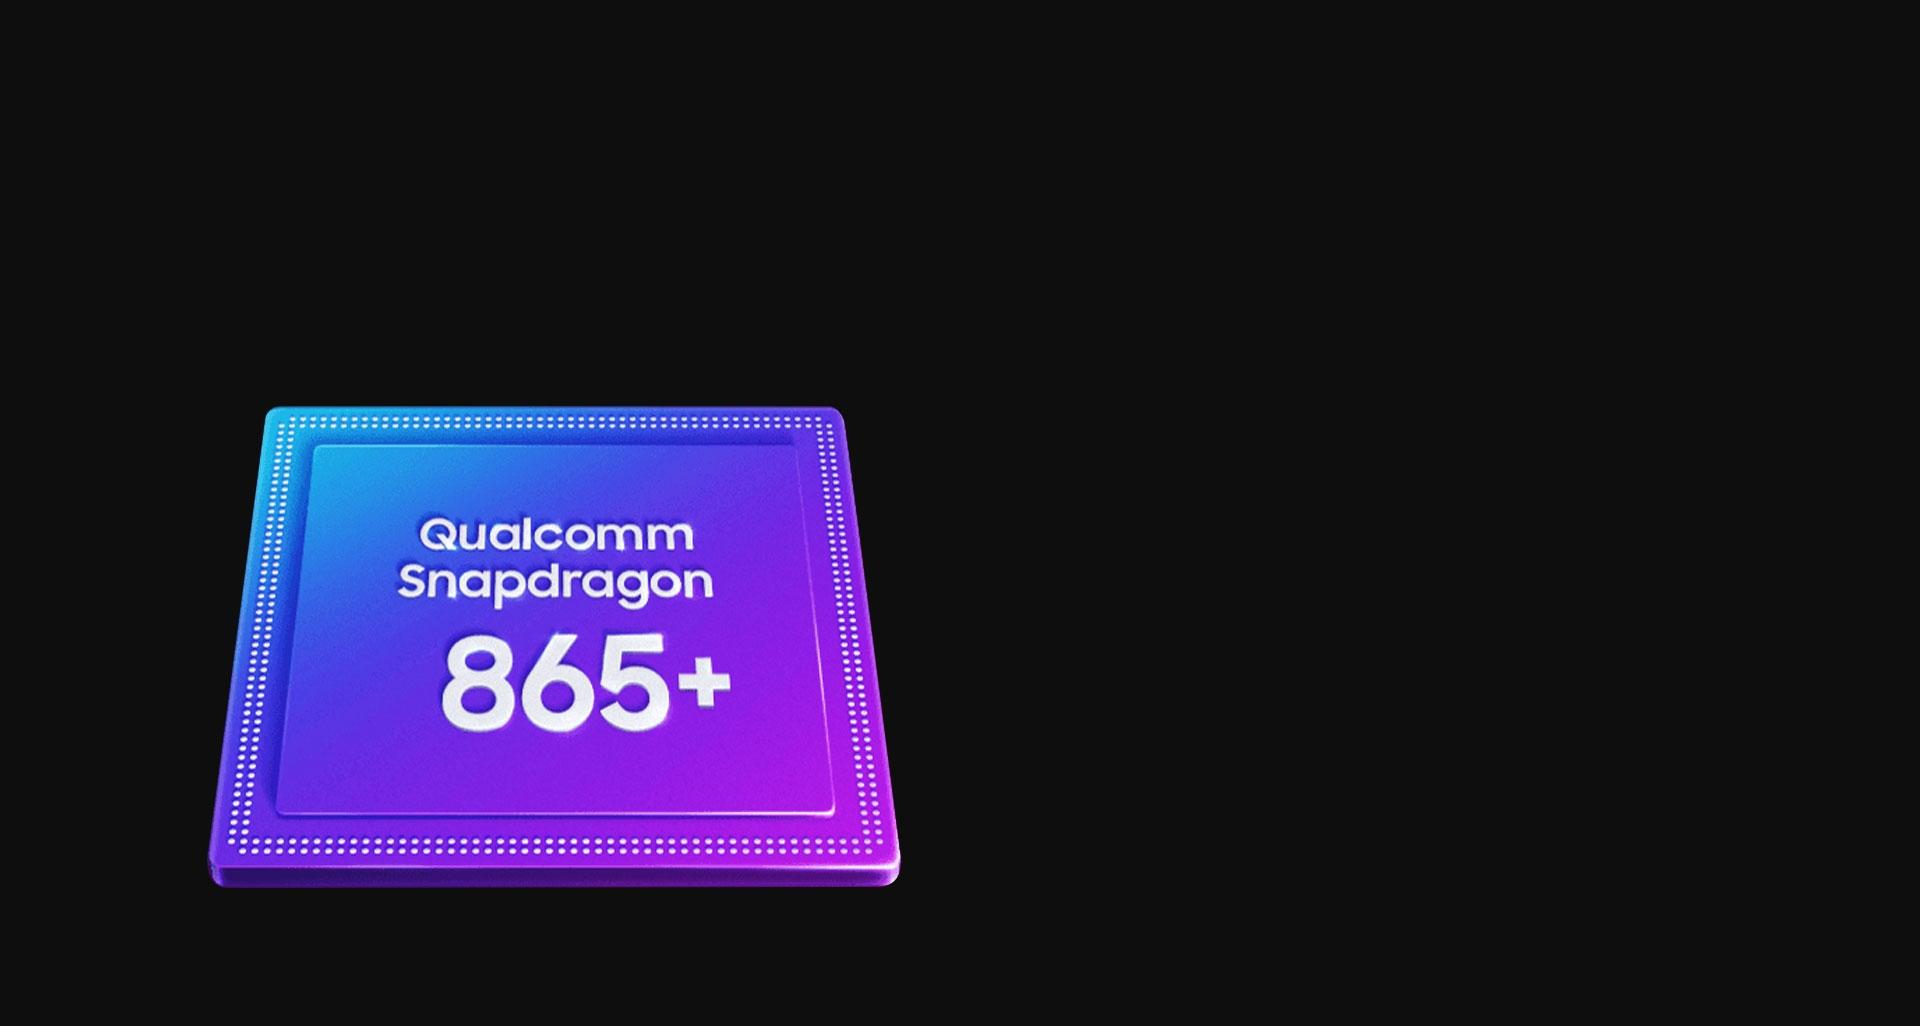 سریعترین پردازنده به کار رفته در گلکسی تب تا به امروز